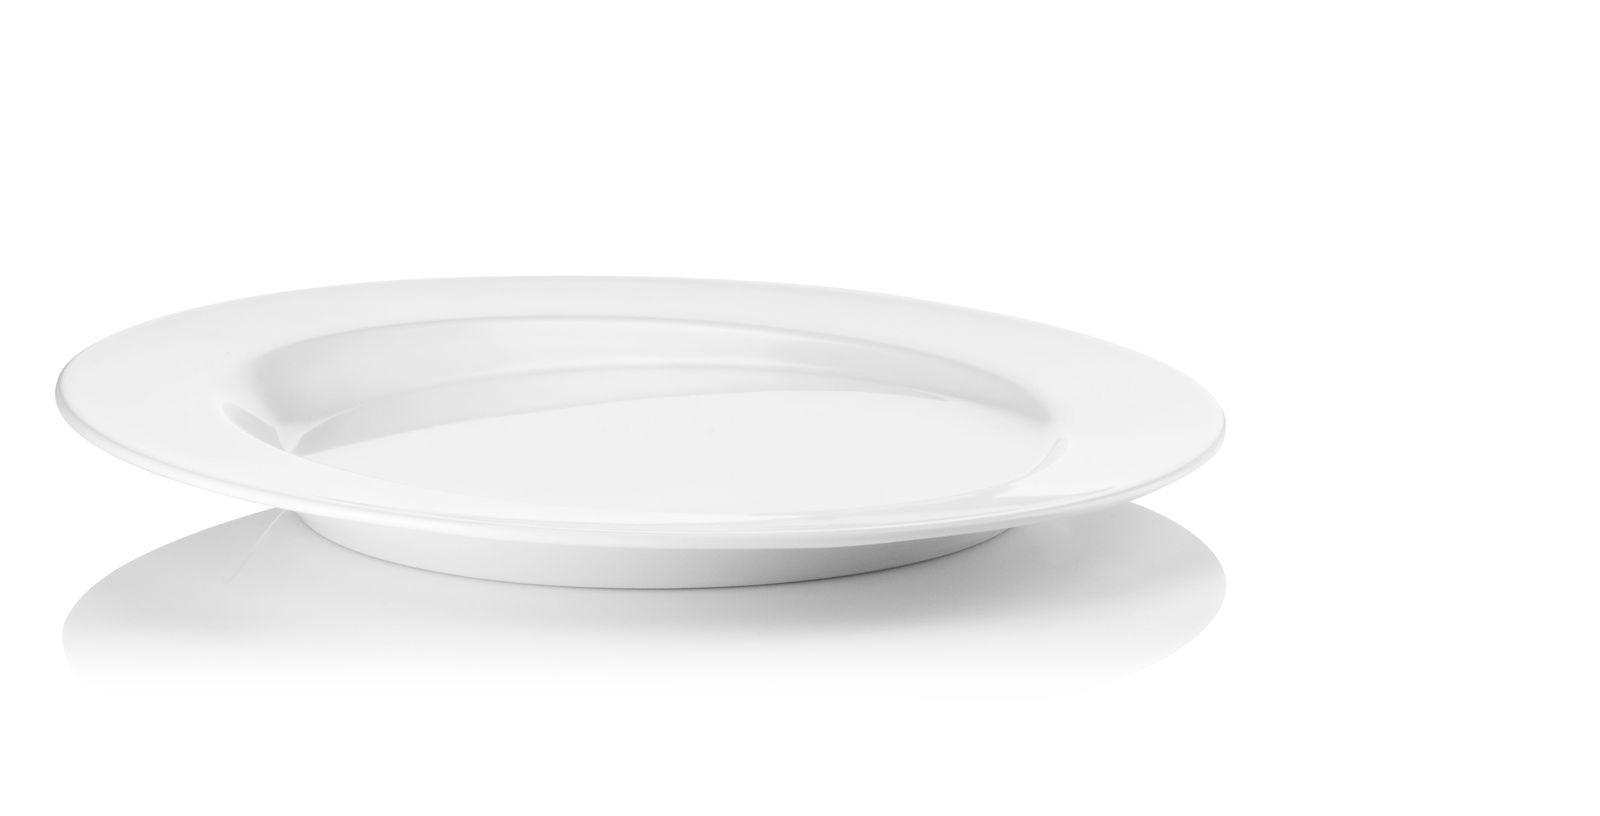 Eva Solo Amfio Dinerbord Ø 29 cm